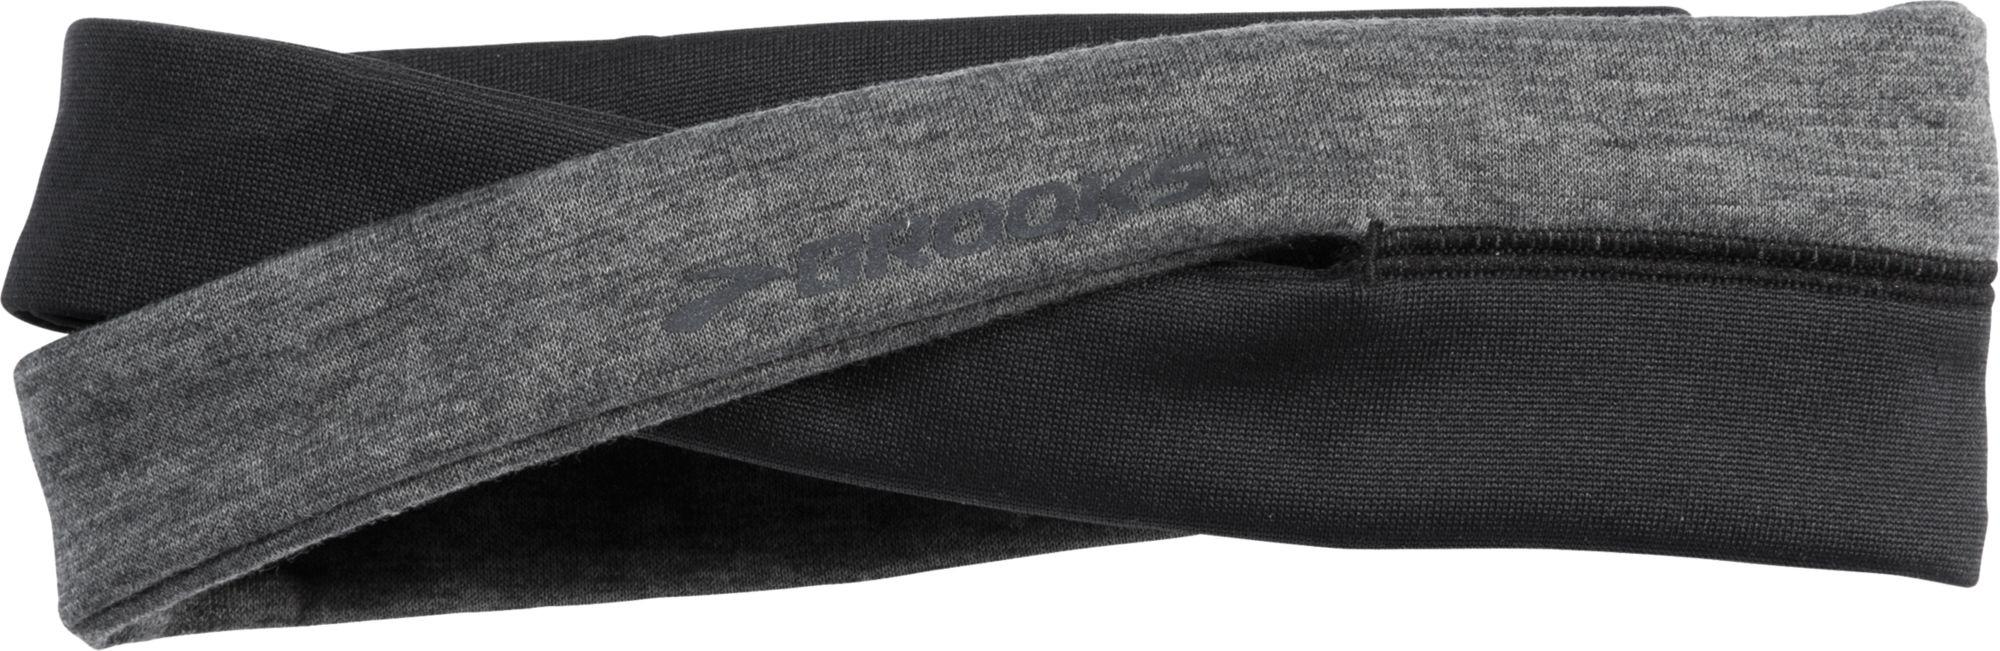 Brooks Brooks Joyride Headband